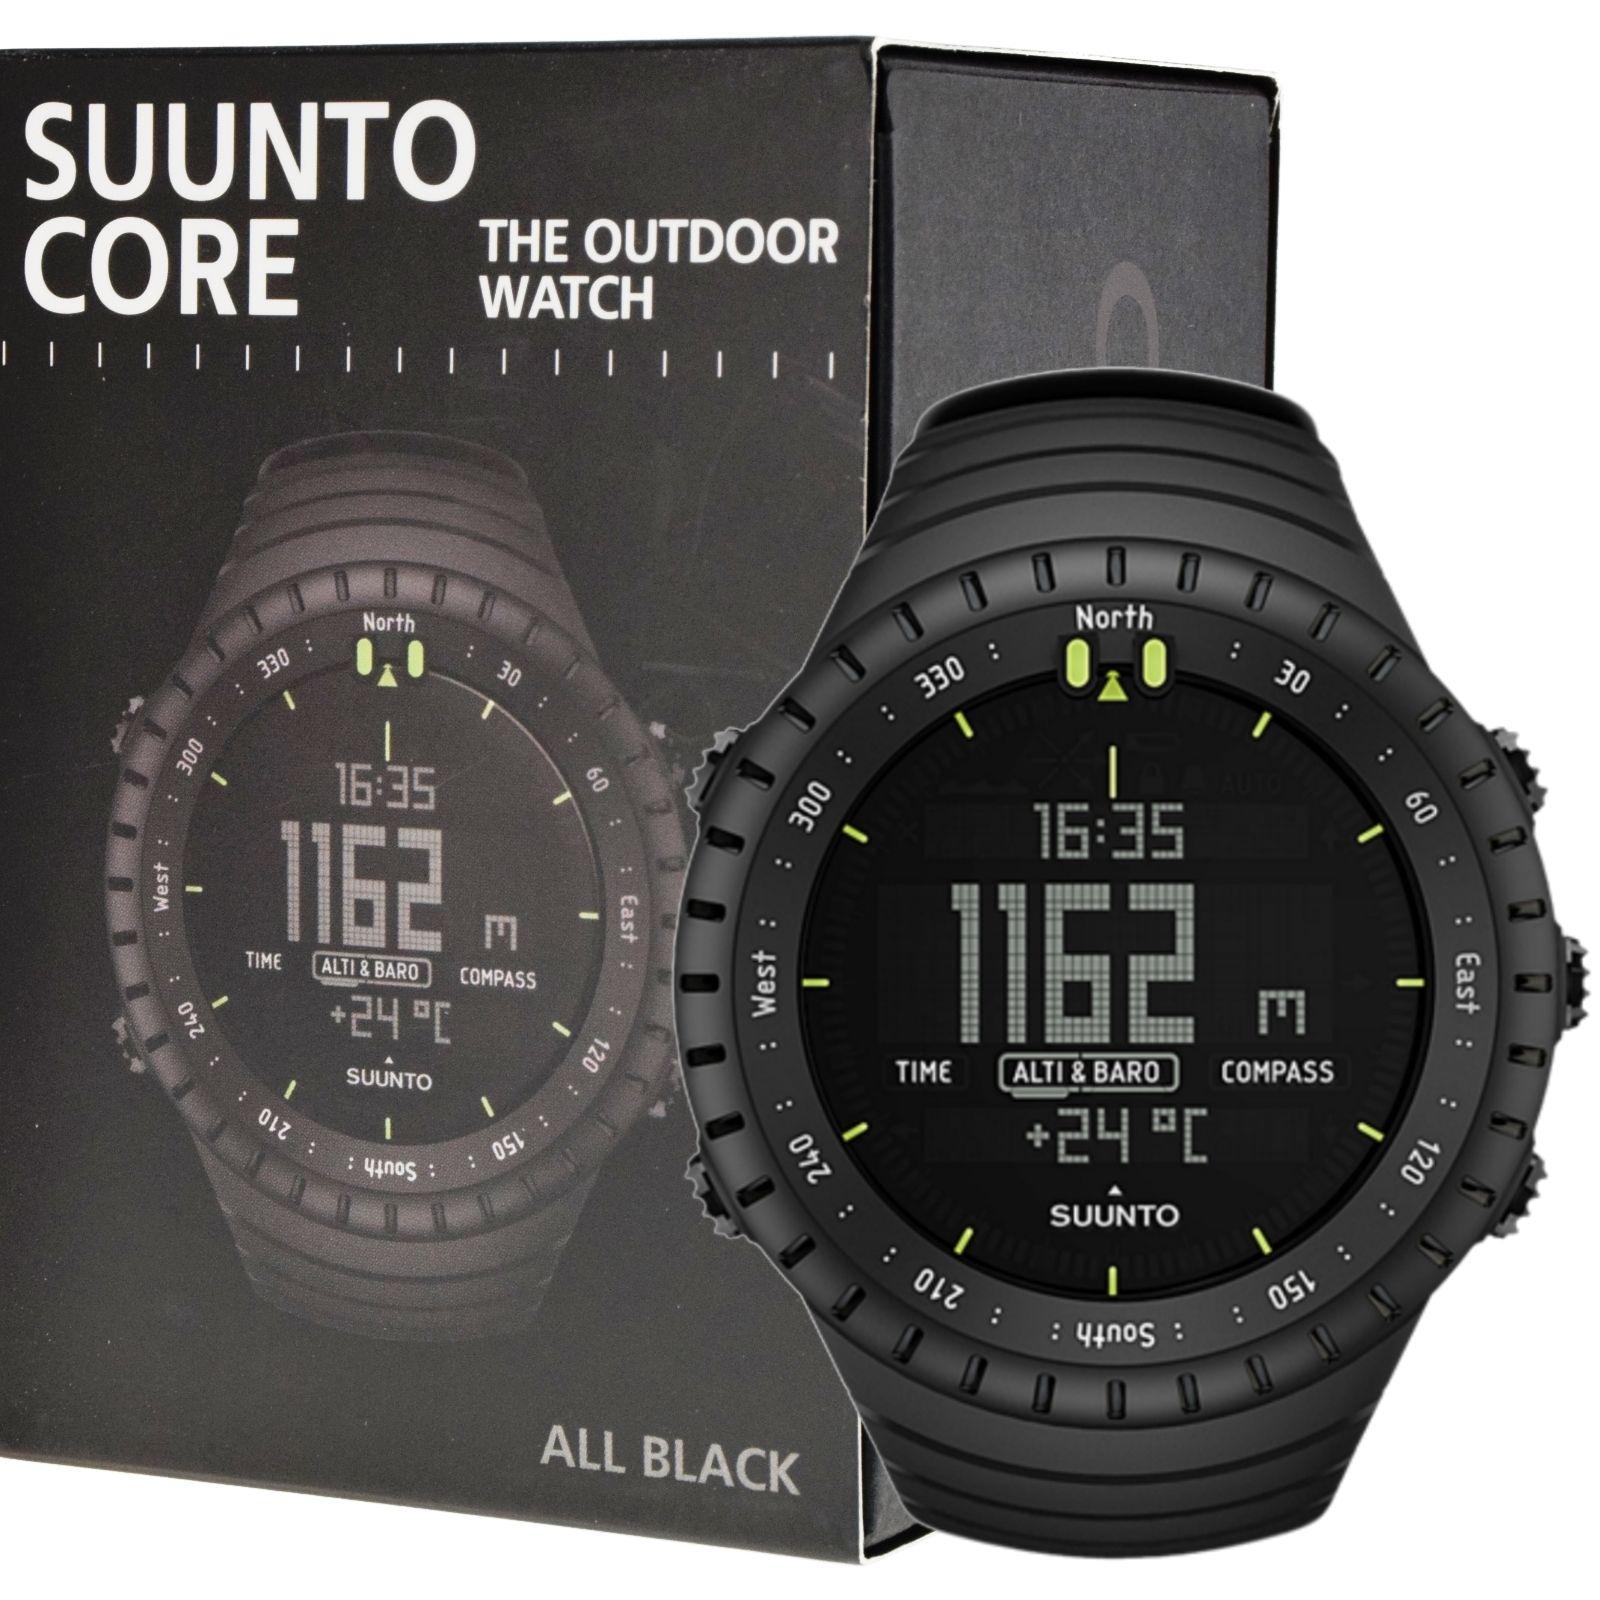 Suunto Core All Black watch @ Amazon.it delivered - £110